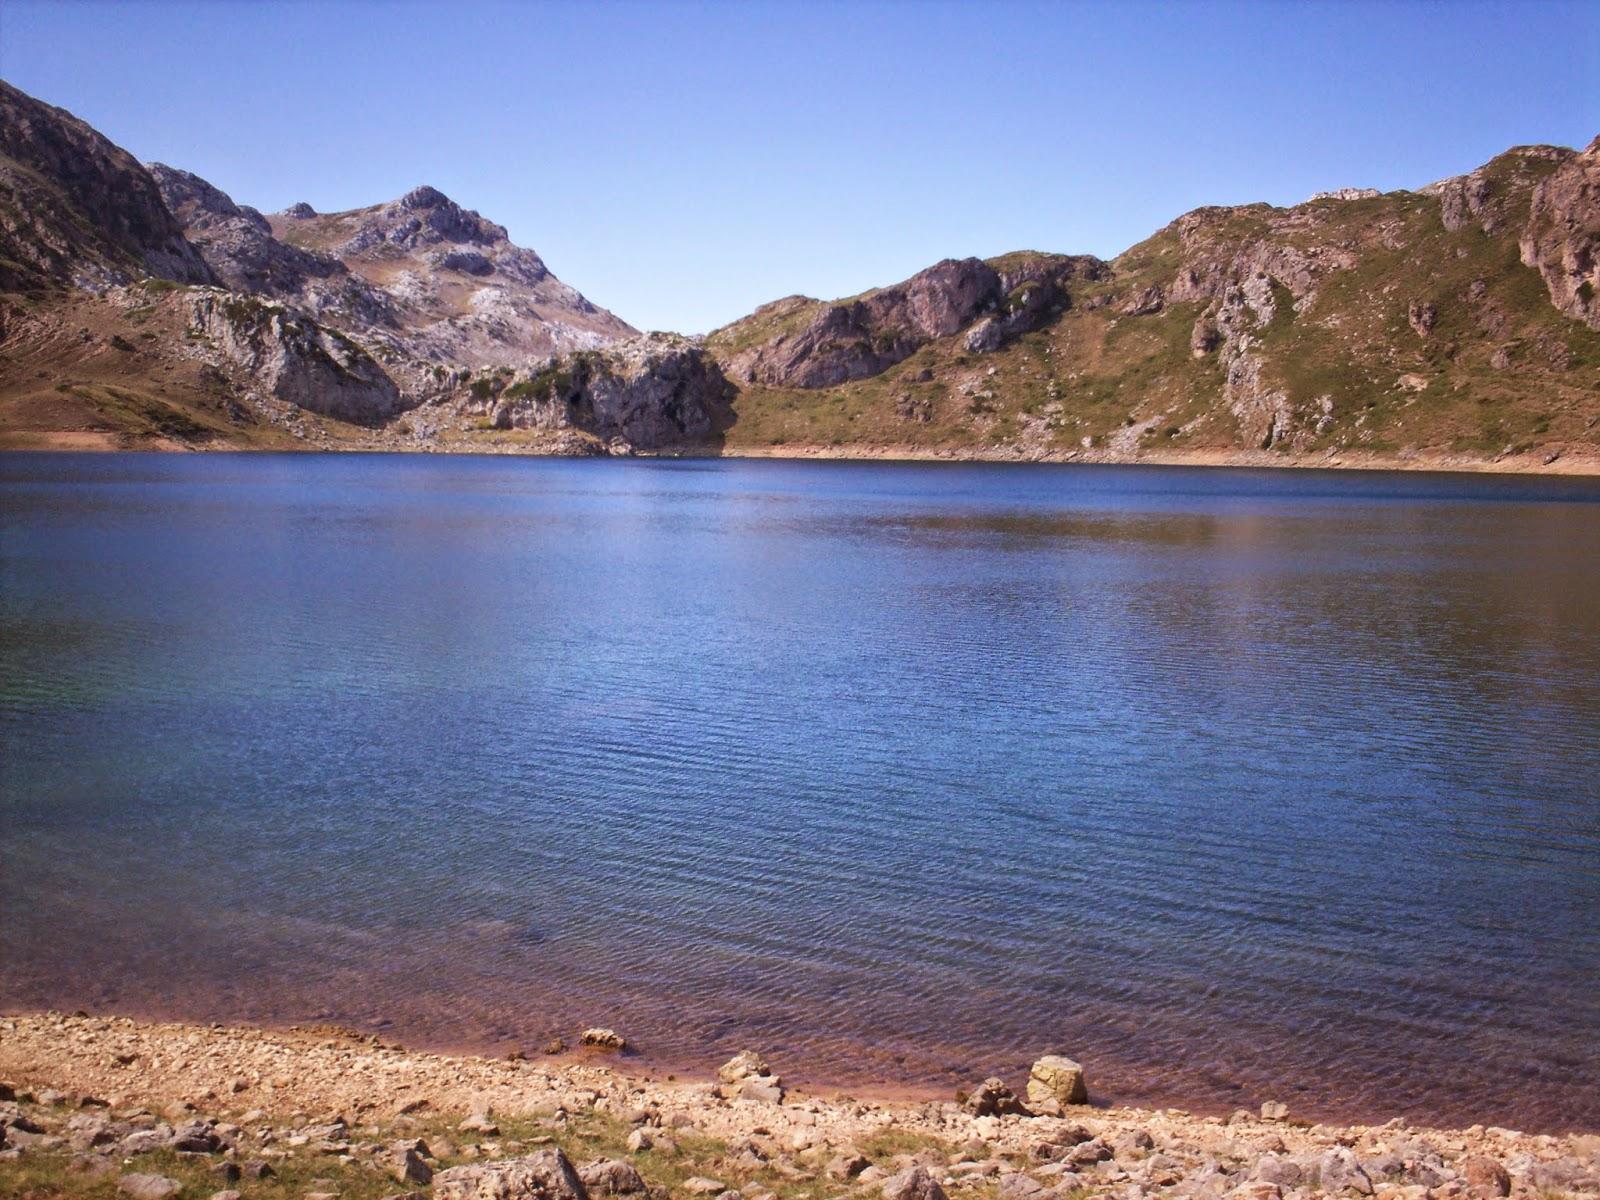 Remanso de paz en el Lago Calabazosa en Somiedo.